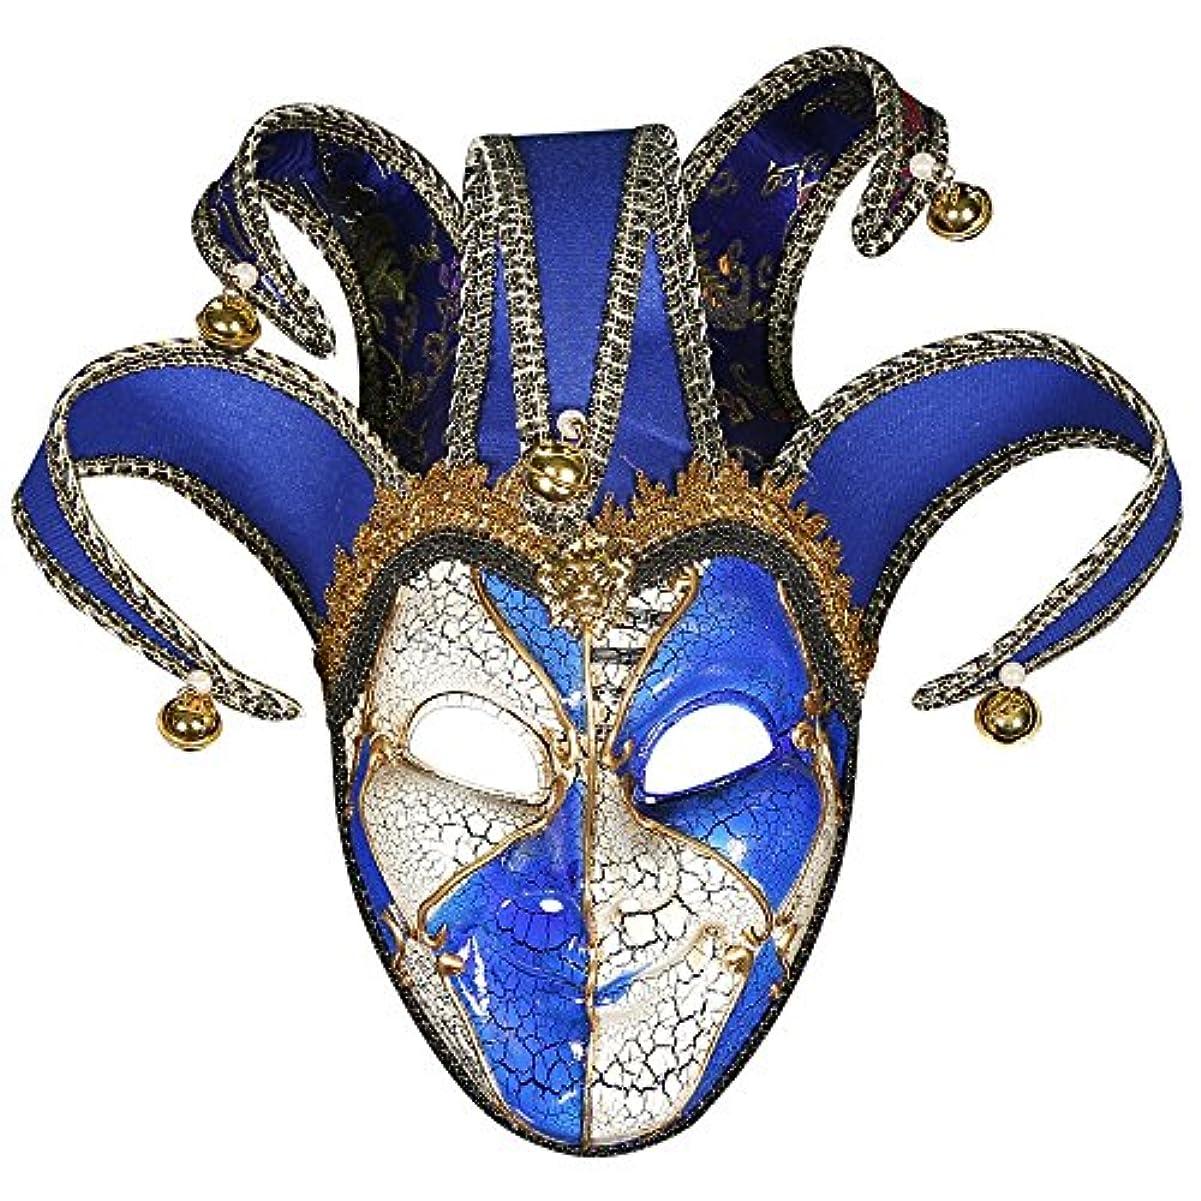 曖昧な高い区別するハイエンドの美しいクラックフェスティバル仮面舞踏会マスクハロウィーン誕生日パーティーピエロマスク (Color : C)